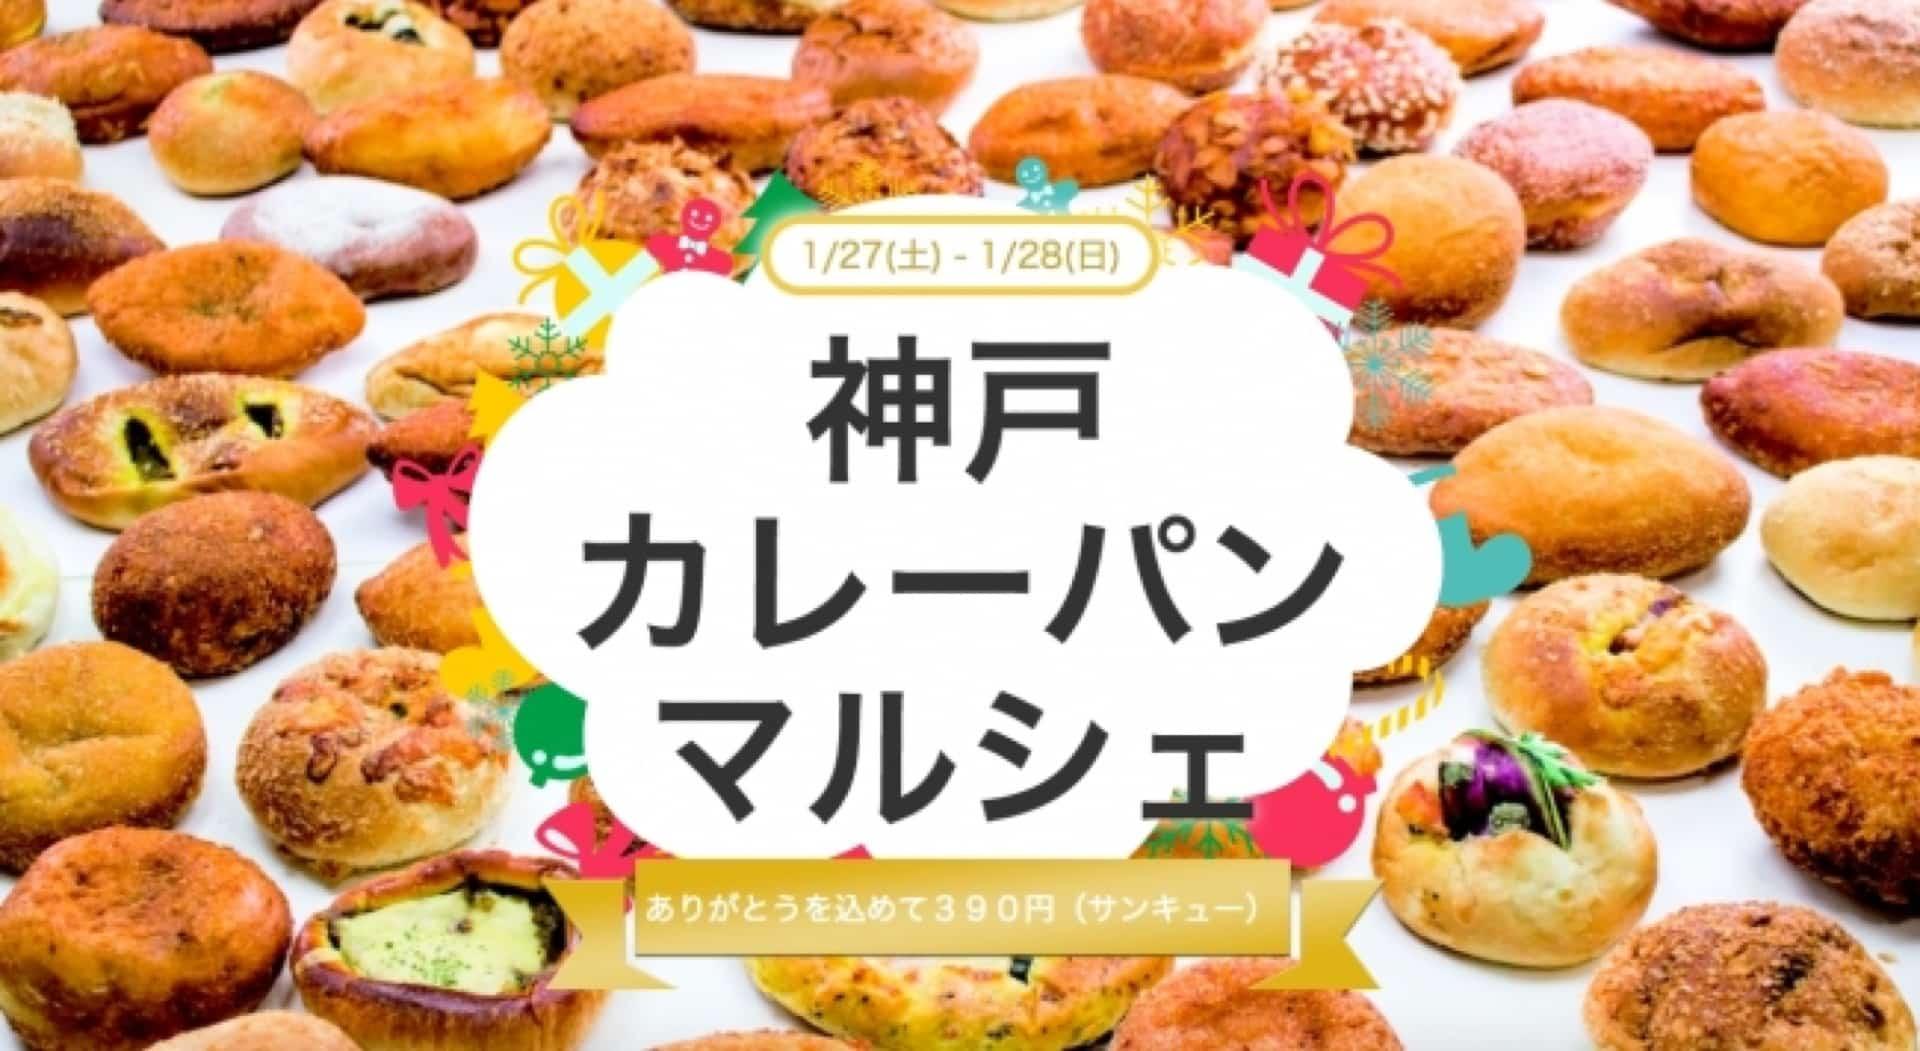 「神戸カレーパンマルシェ2018」グランプリ受賞のカレーパンが集結!2日間限定のイベントは必見